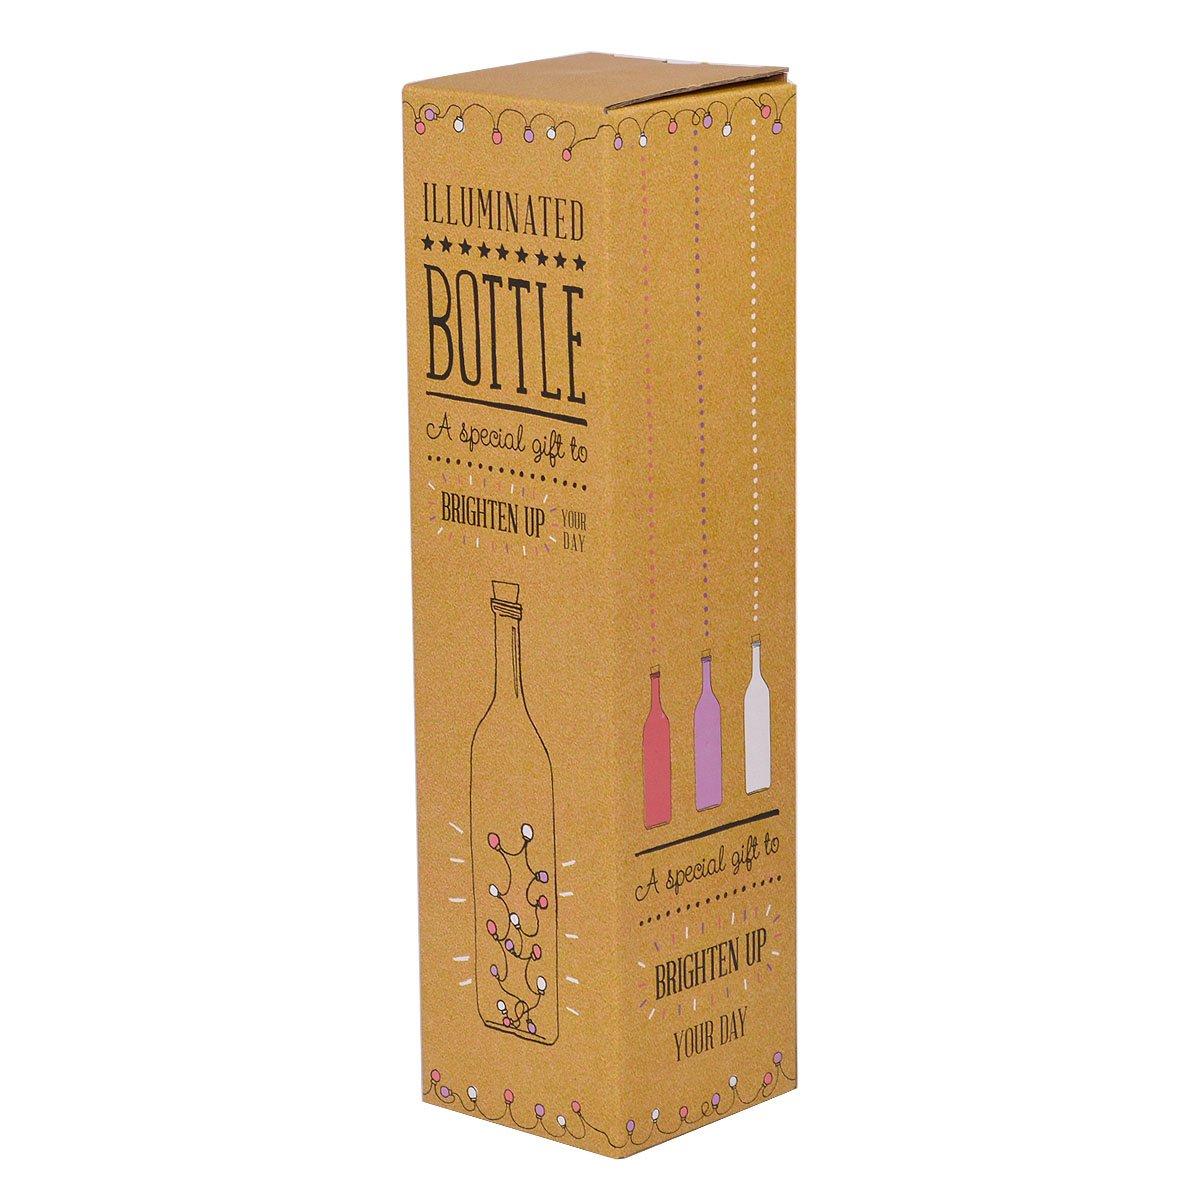 When It Rains Look For Rainbows Light Up Bottle Illuminated Bottles Gift Range: Amazon.es: Hogar